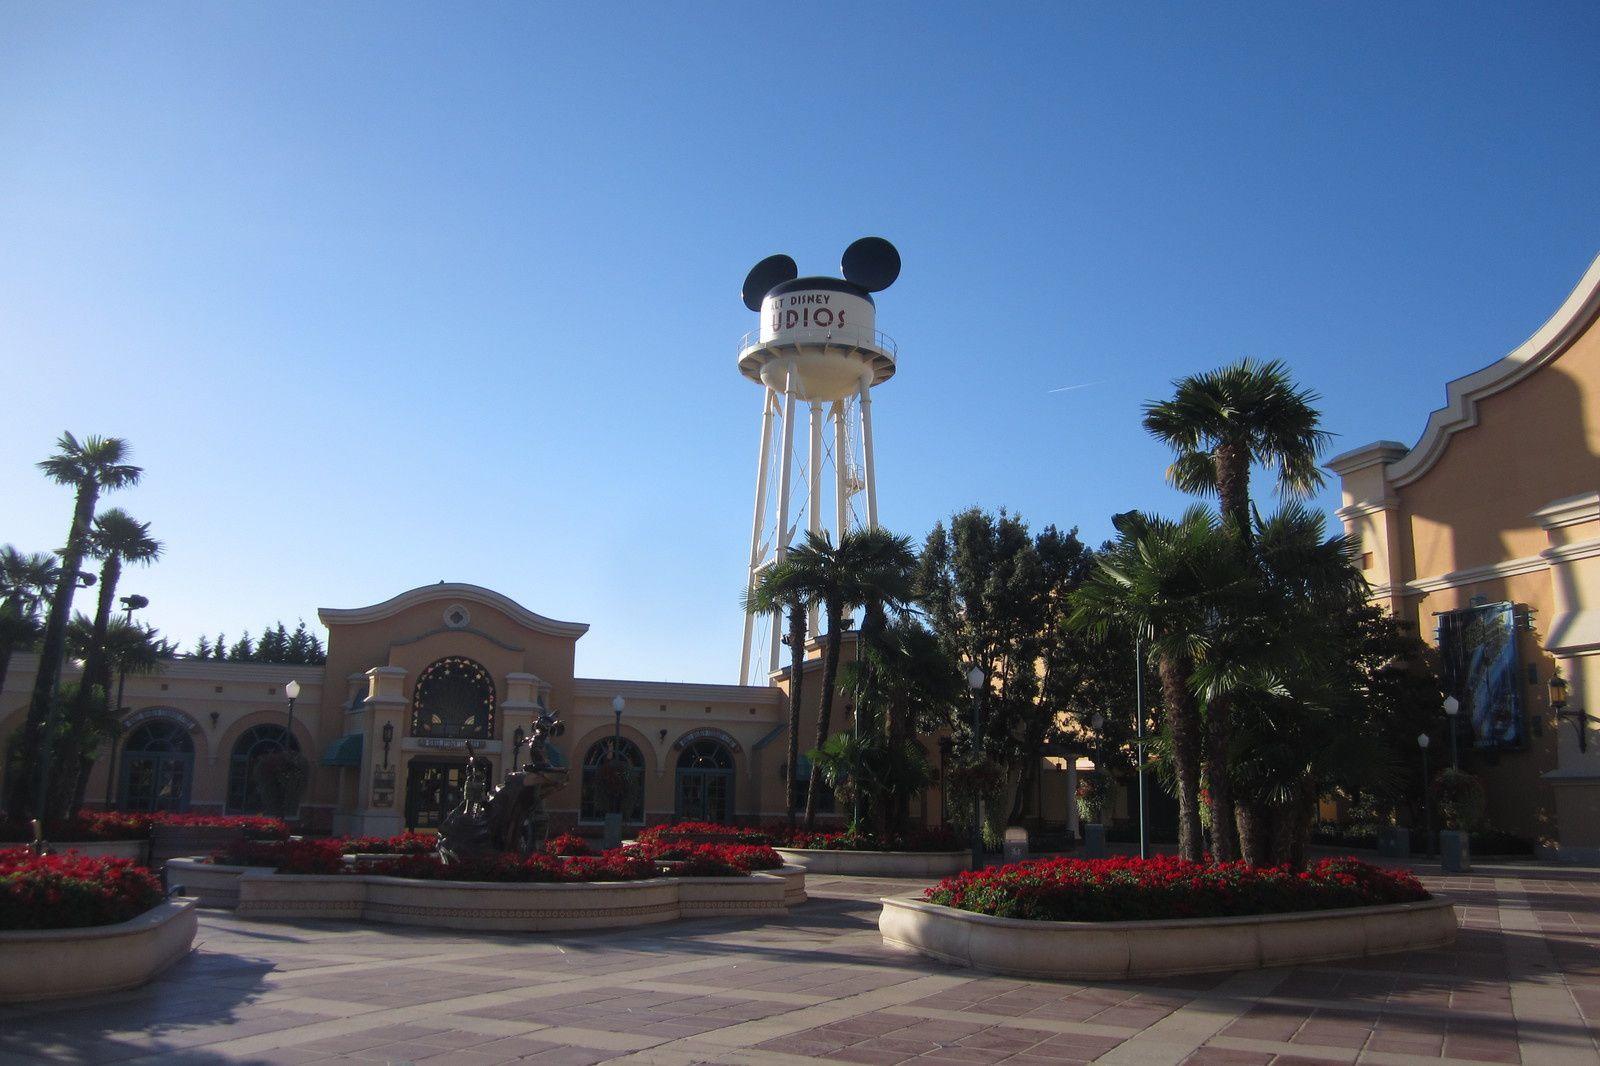 Disneyland Paris : la visite guidée de la Tour de la Terreur